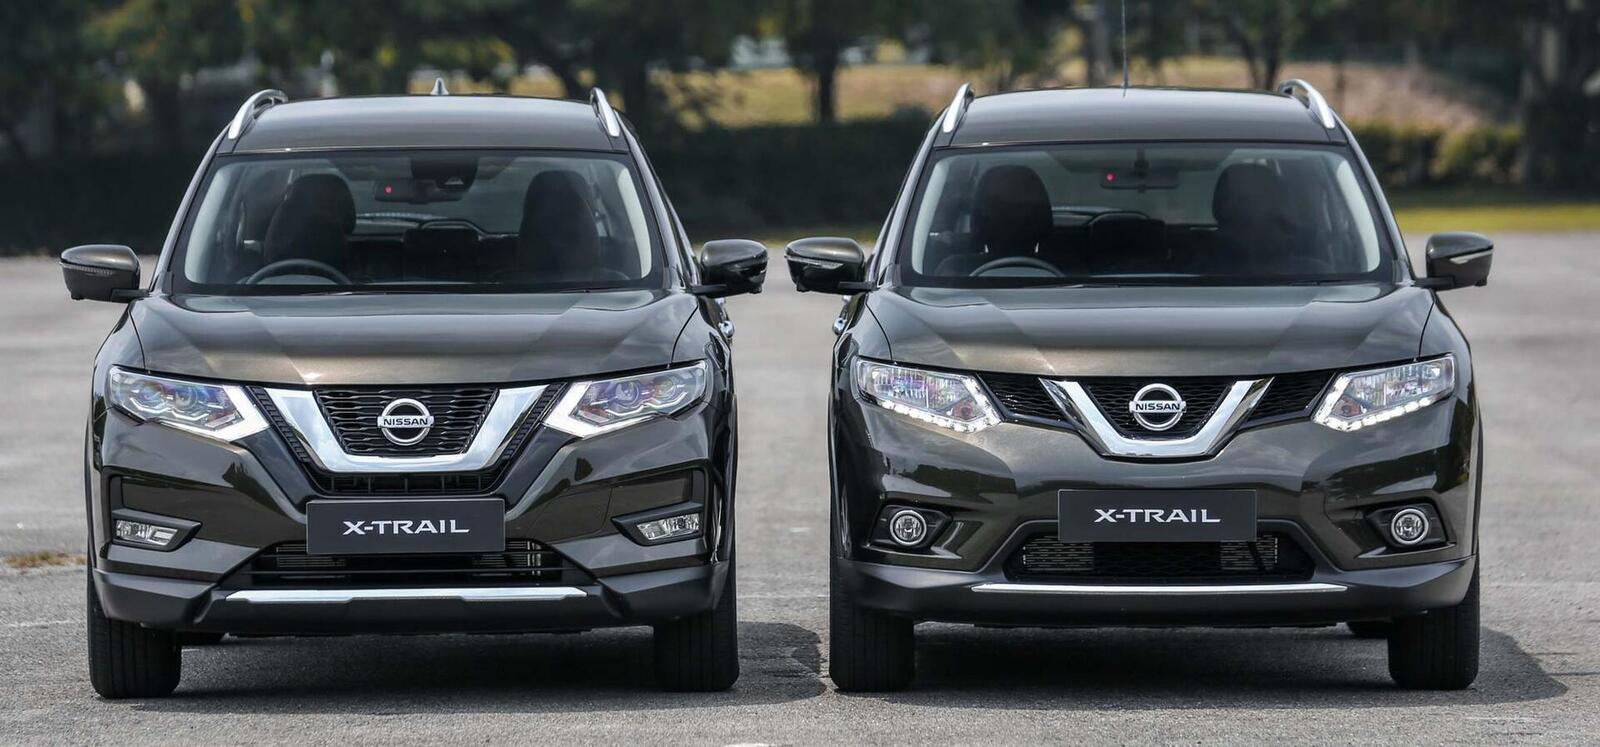 Sự khác biệt giữa Nissan X-Trail phiên bản nâng cấp facelift mới và cũ - Hình 8